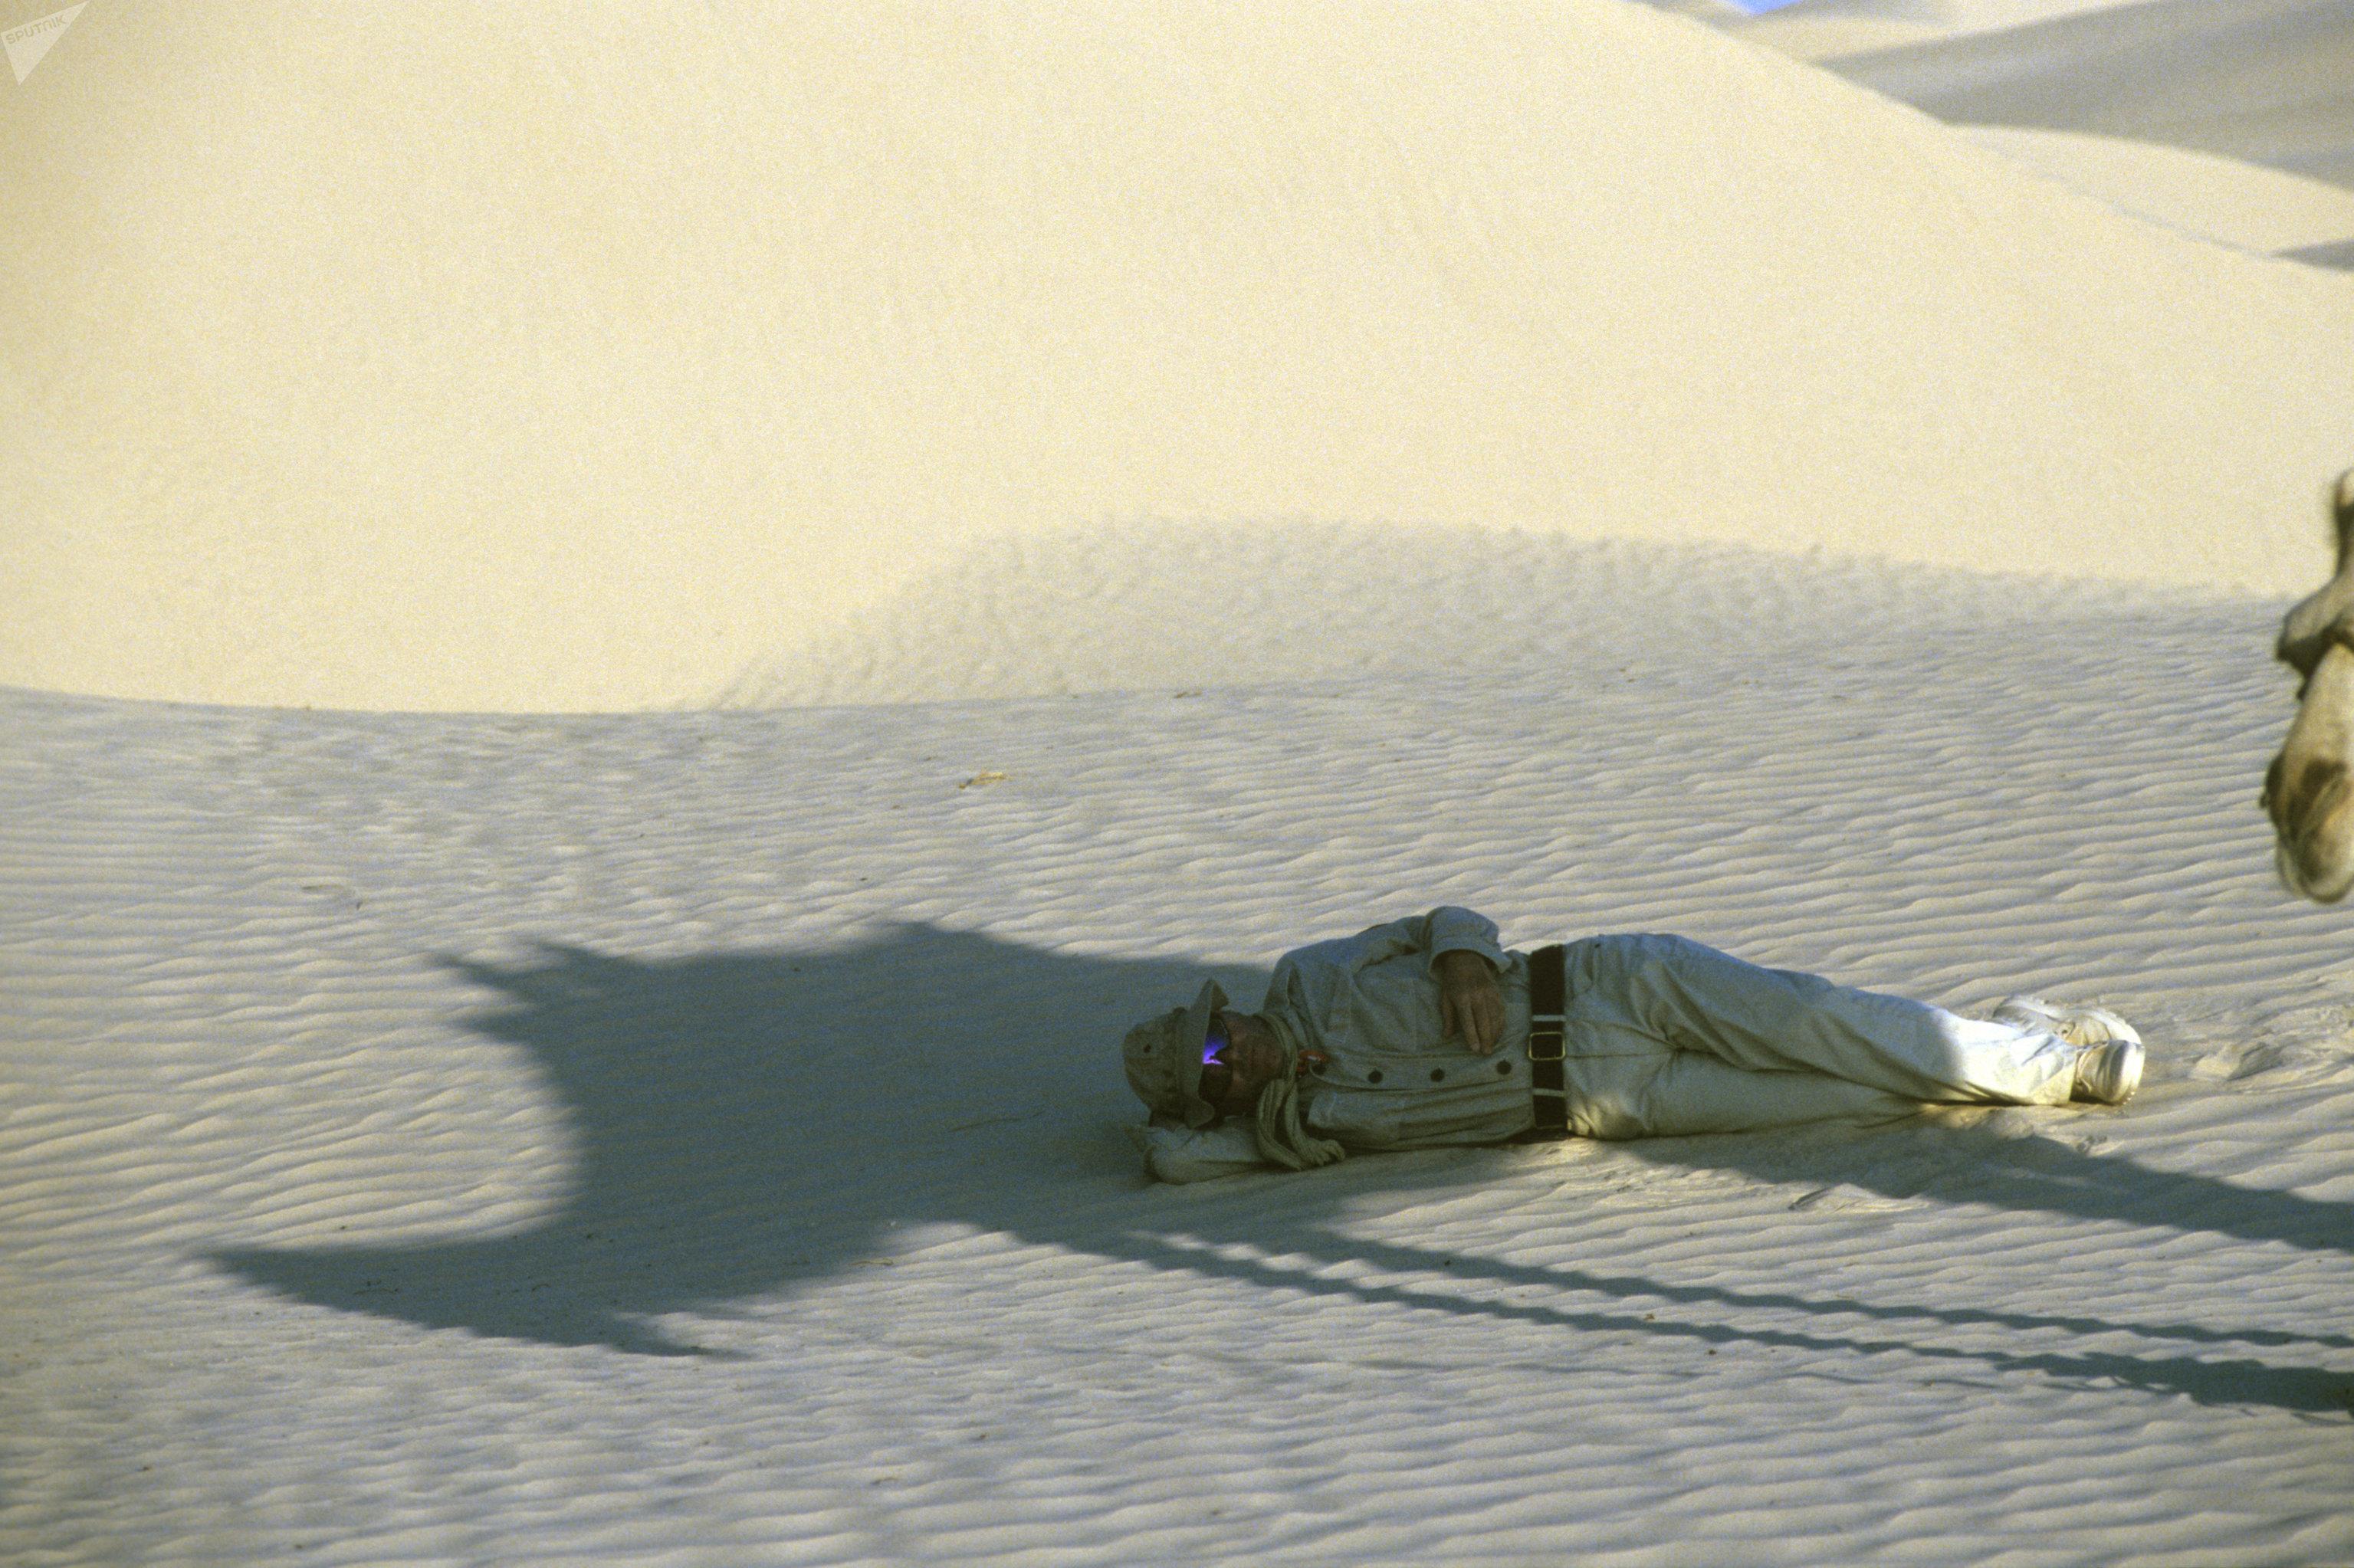 Один из членов экспедиции польского путешественника Яцека Палкевича в пустыне Сахара на привале